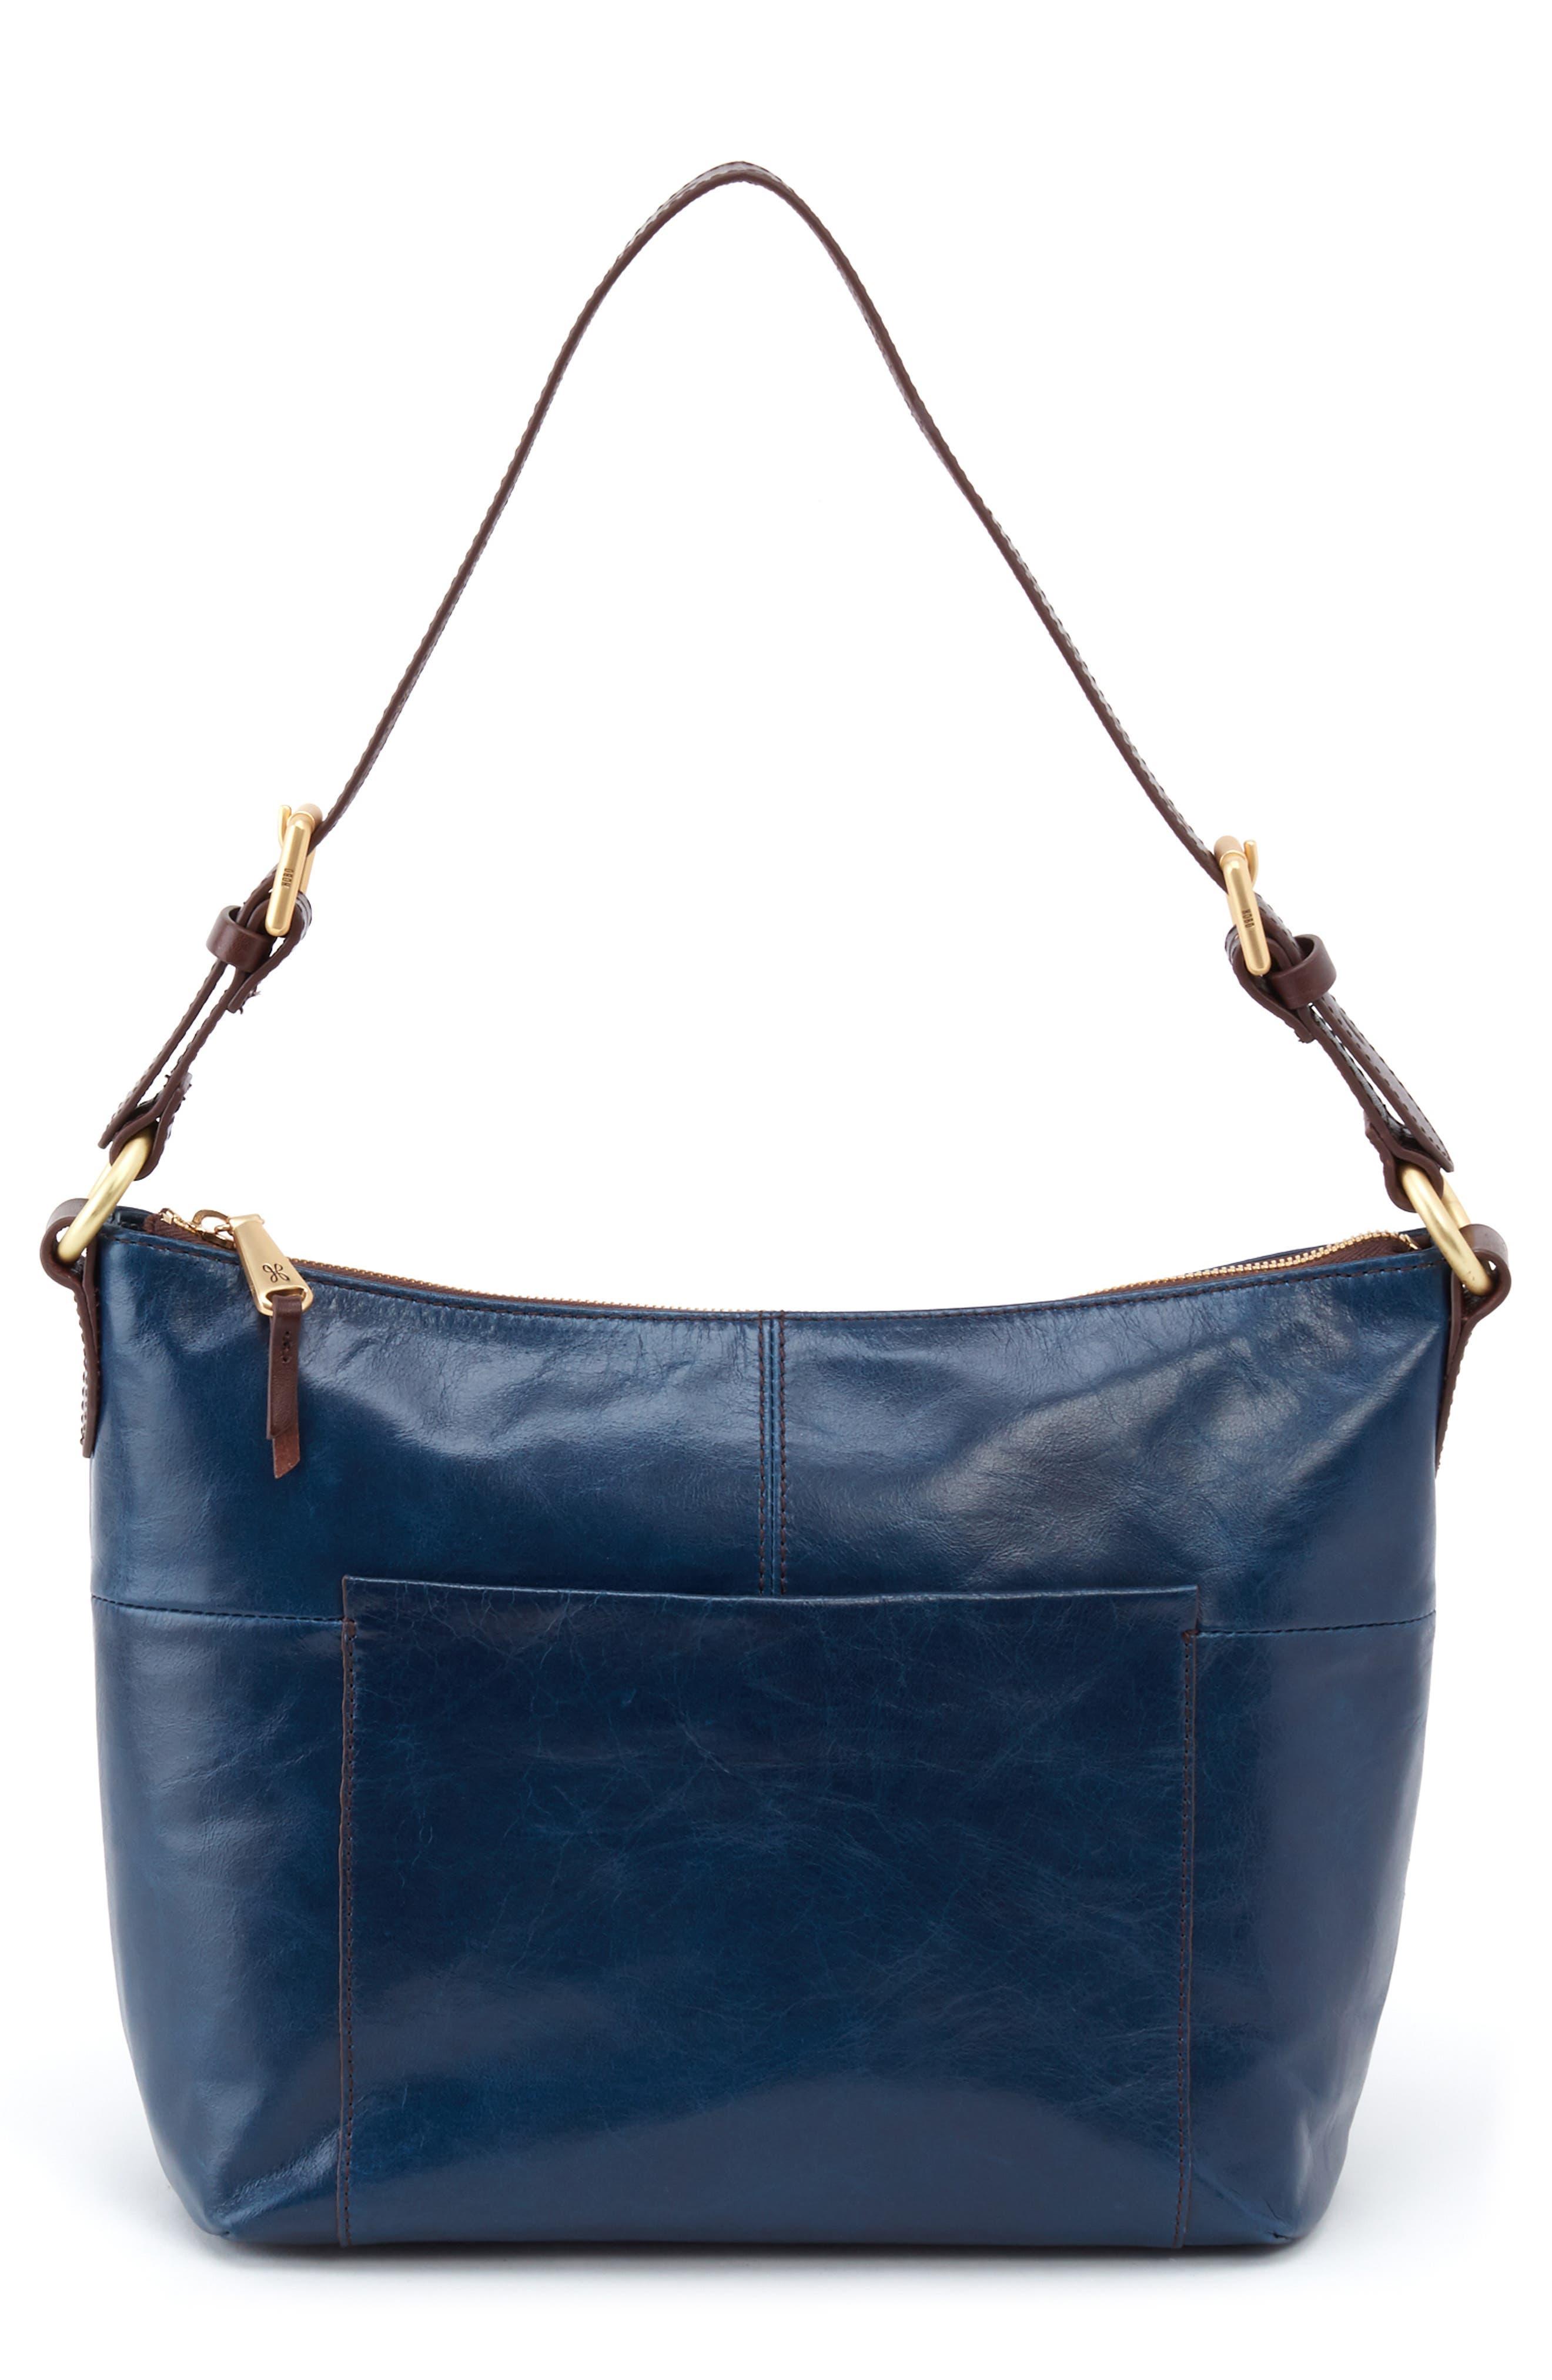 57f287788765c Shoulder Bags | Nordstrom